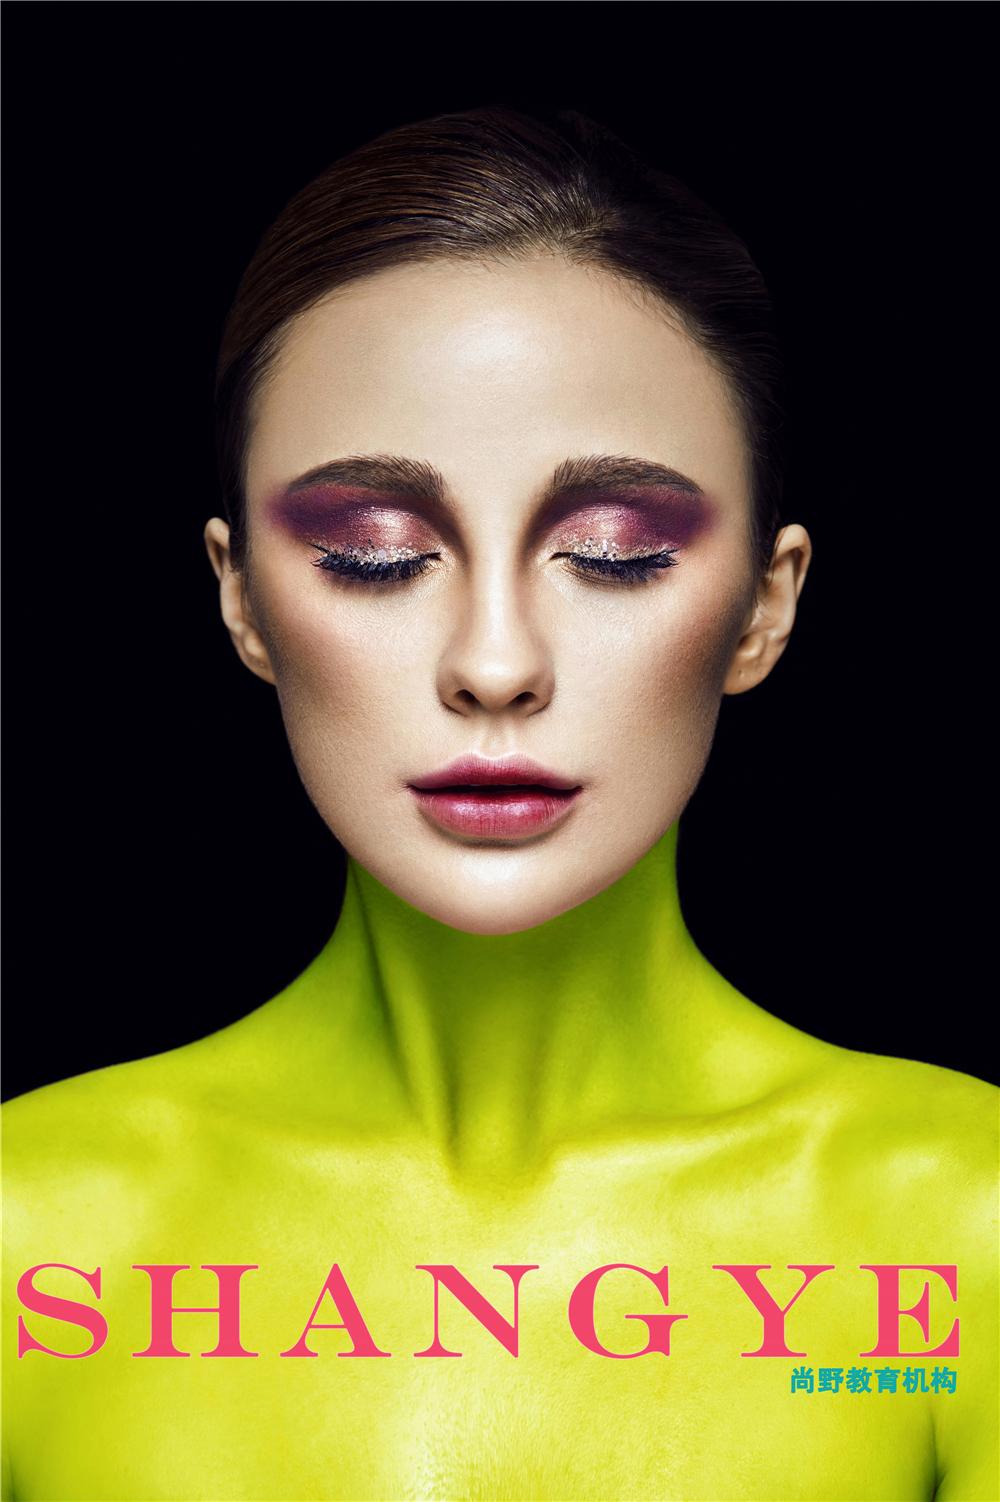 时尚创意彩妆灵感,宁波化妆学校彩妆作品赏析